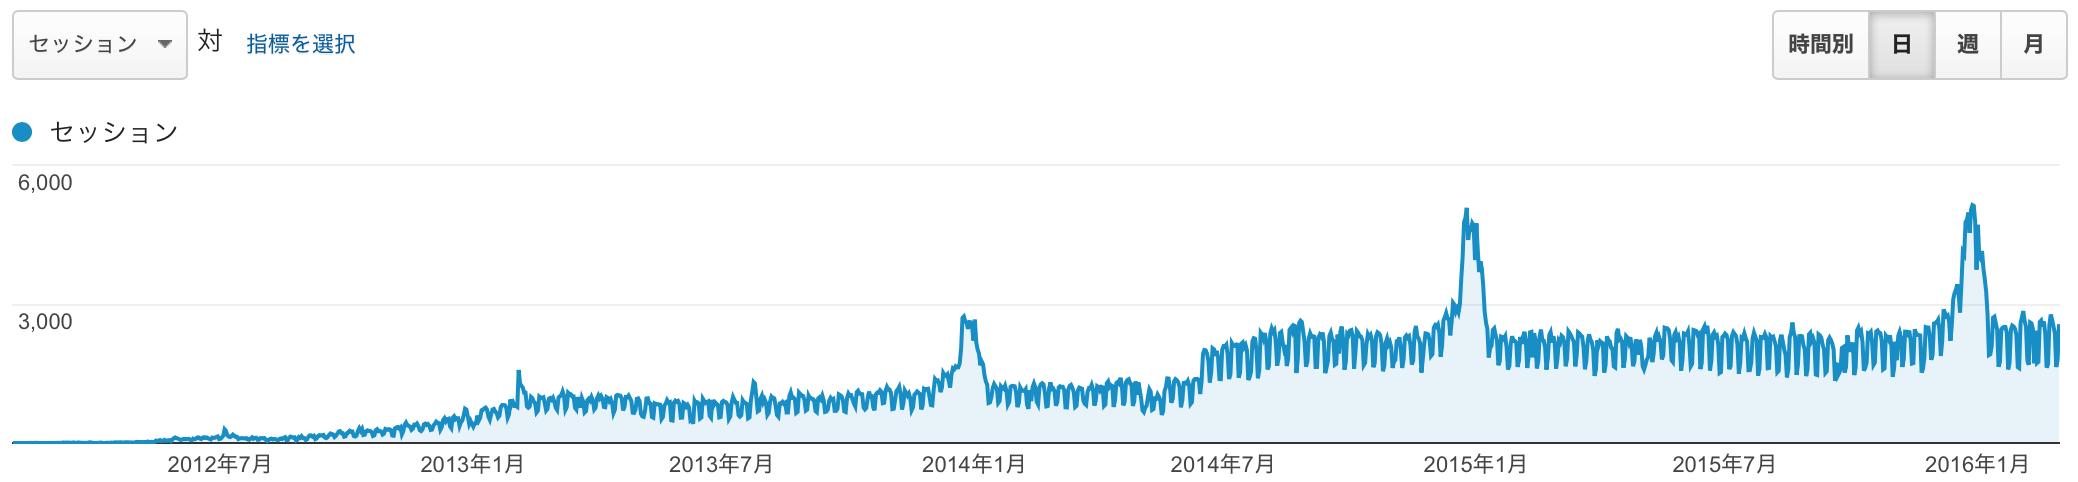 2012 年 2 月から、2016 年 2 月いっぱいまでのアクセス